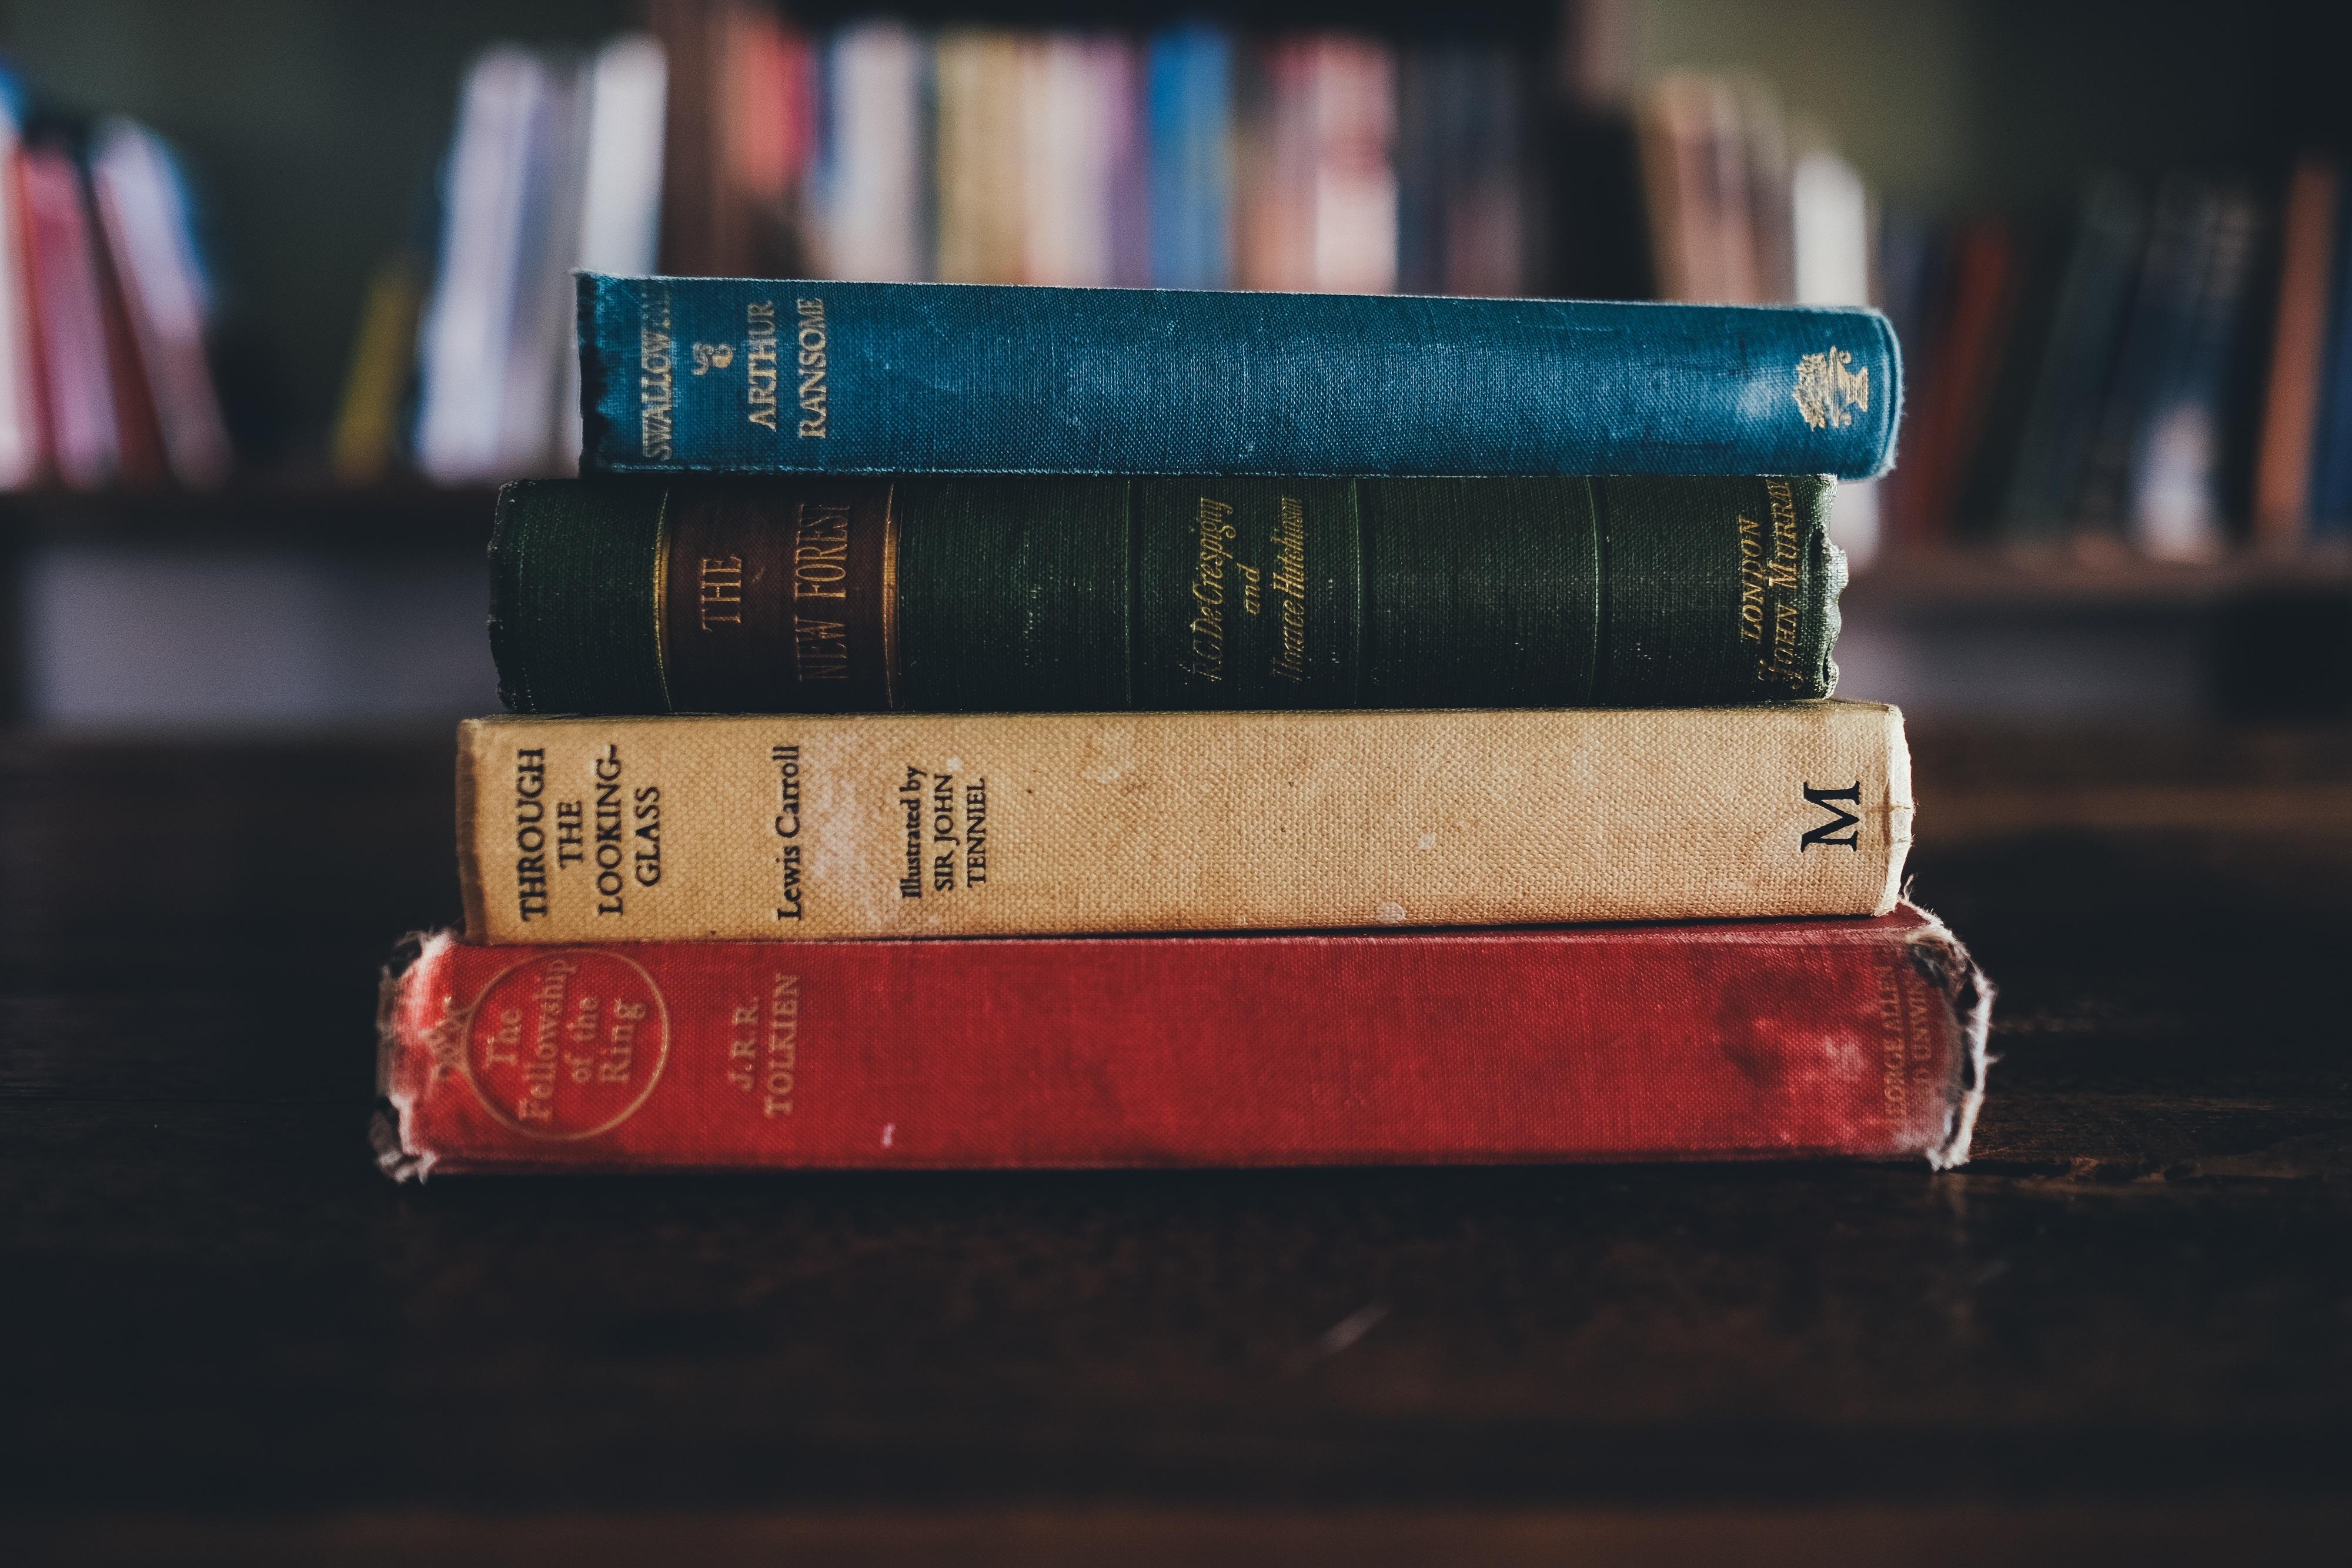 66106 Hintergrundbild herunterladen Bücher, Verschiedenes, Sonstige, Alt, Bibliothek - Bildschirmschoner und Bilder kostenlos